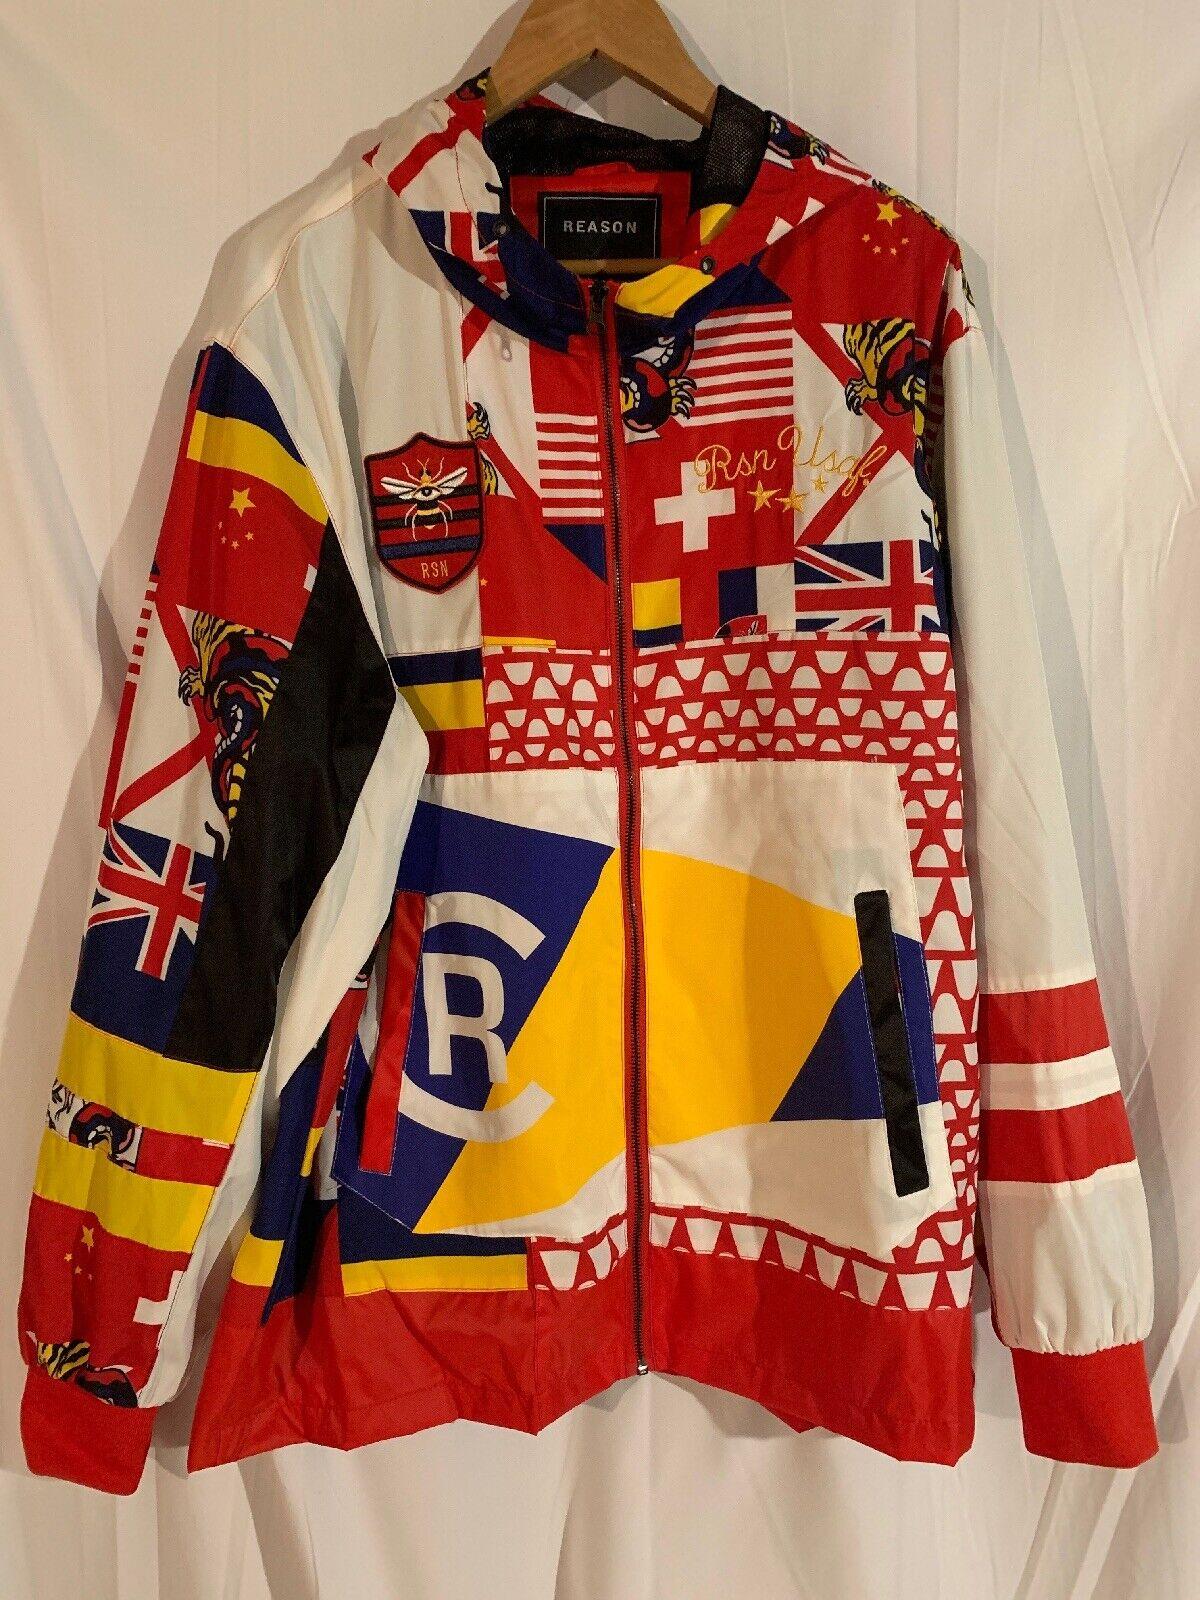 Grund NWOT Mens Größe XL Wasser-Resistant Wasser-Resistant Wasser-Resistant Zip Up Windbreaker Anorak Jacket ceb